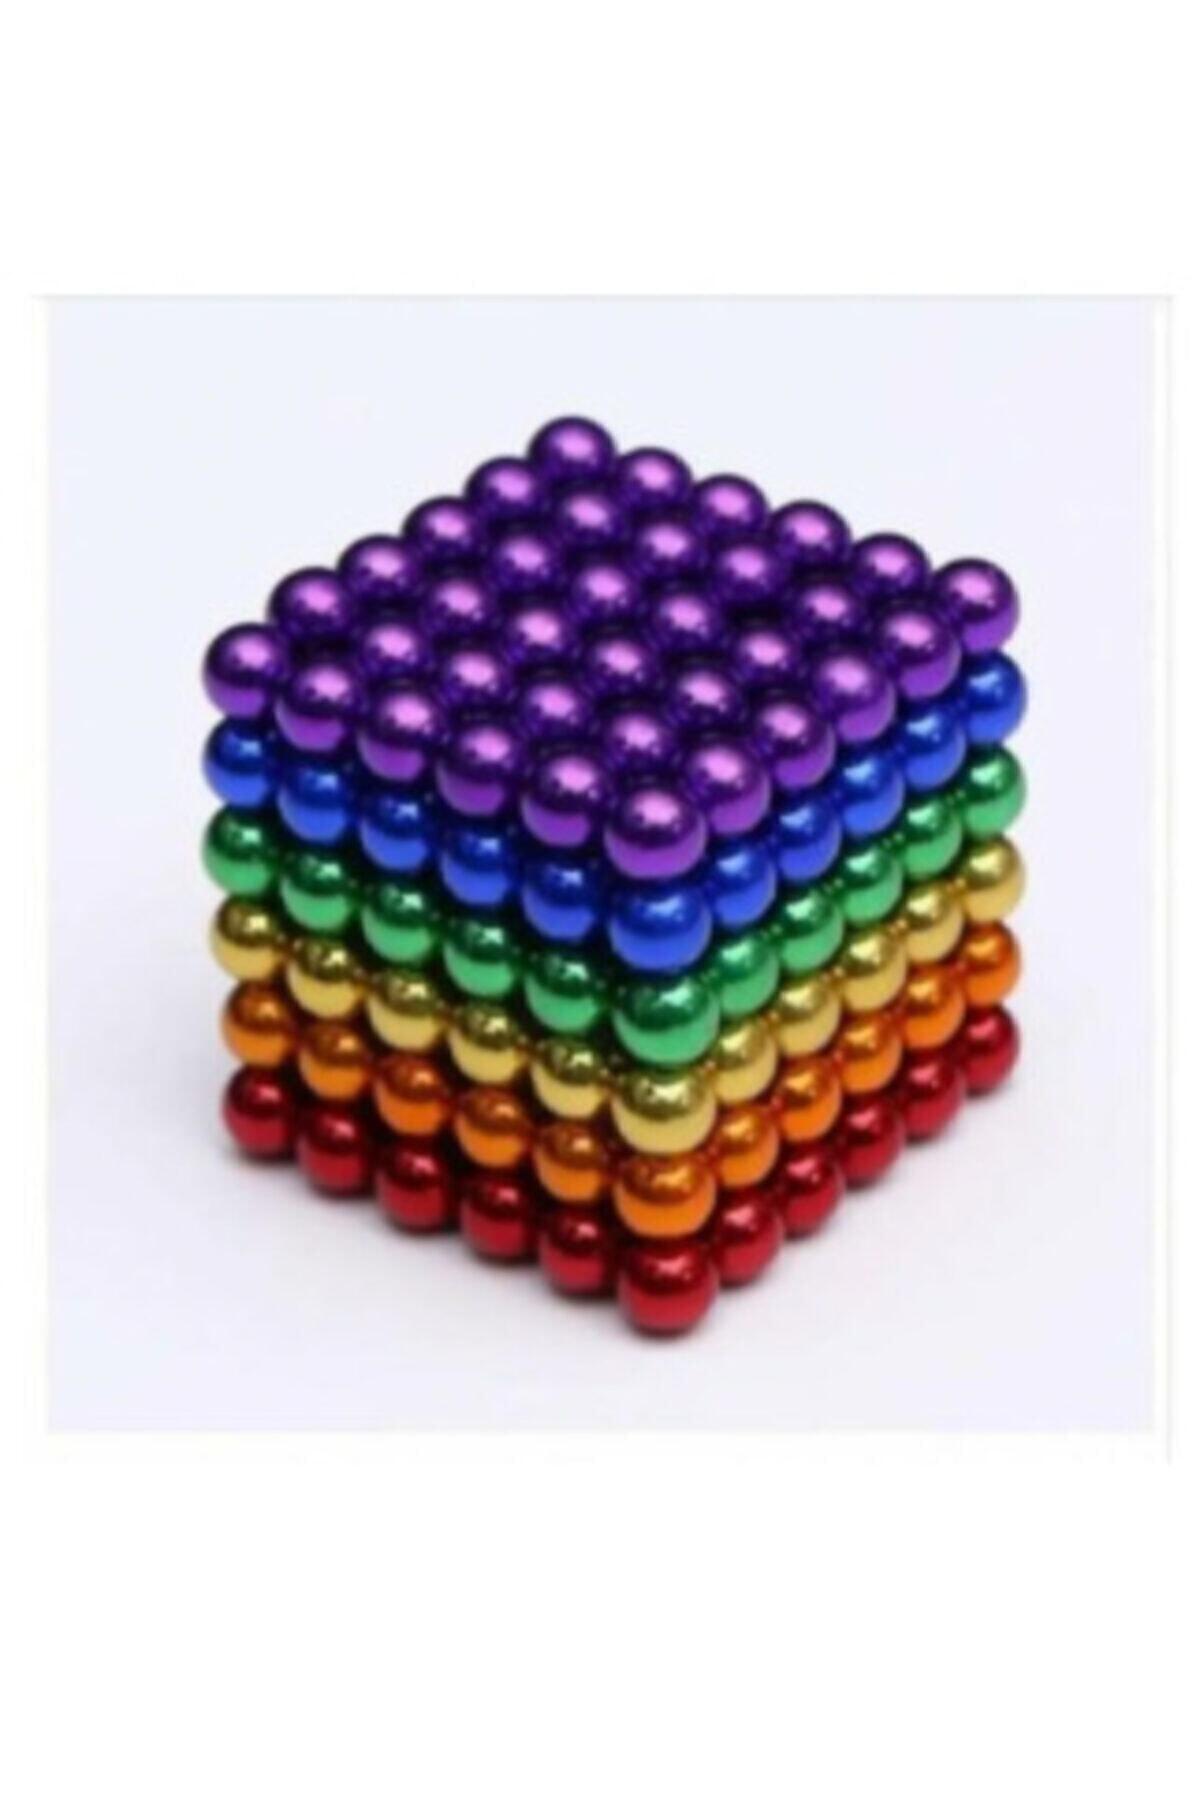 Kids Sihirli Manyetik Toplar 3mm (6 Renkli) Manyetik Mıknatıs 1